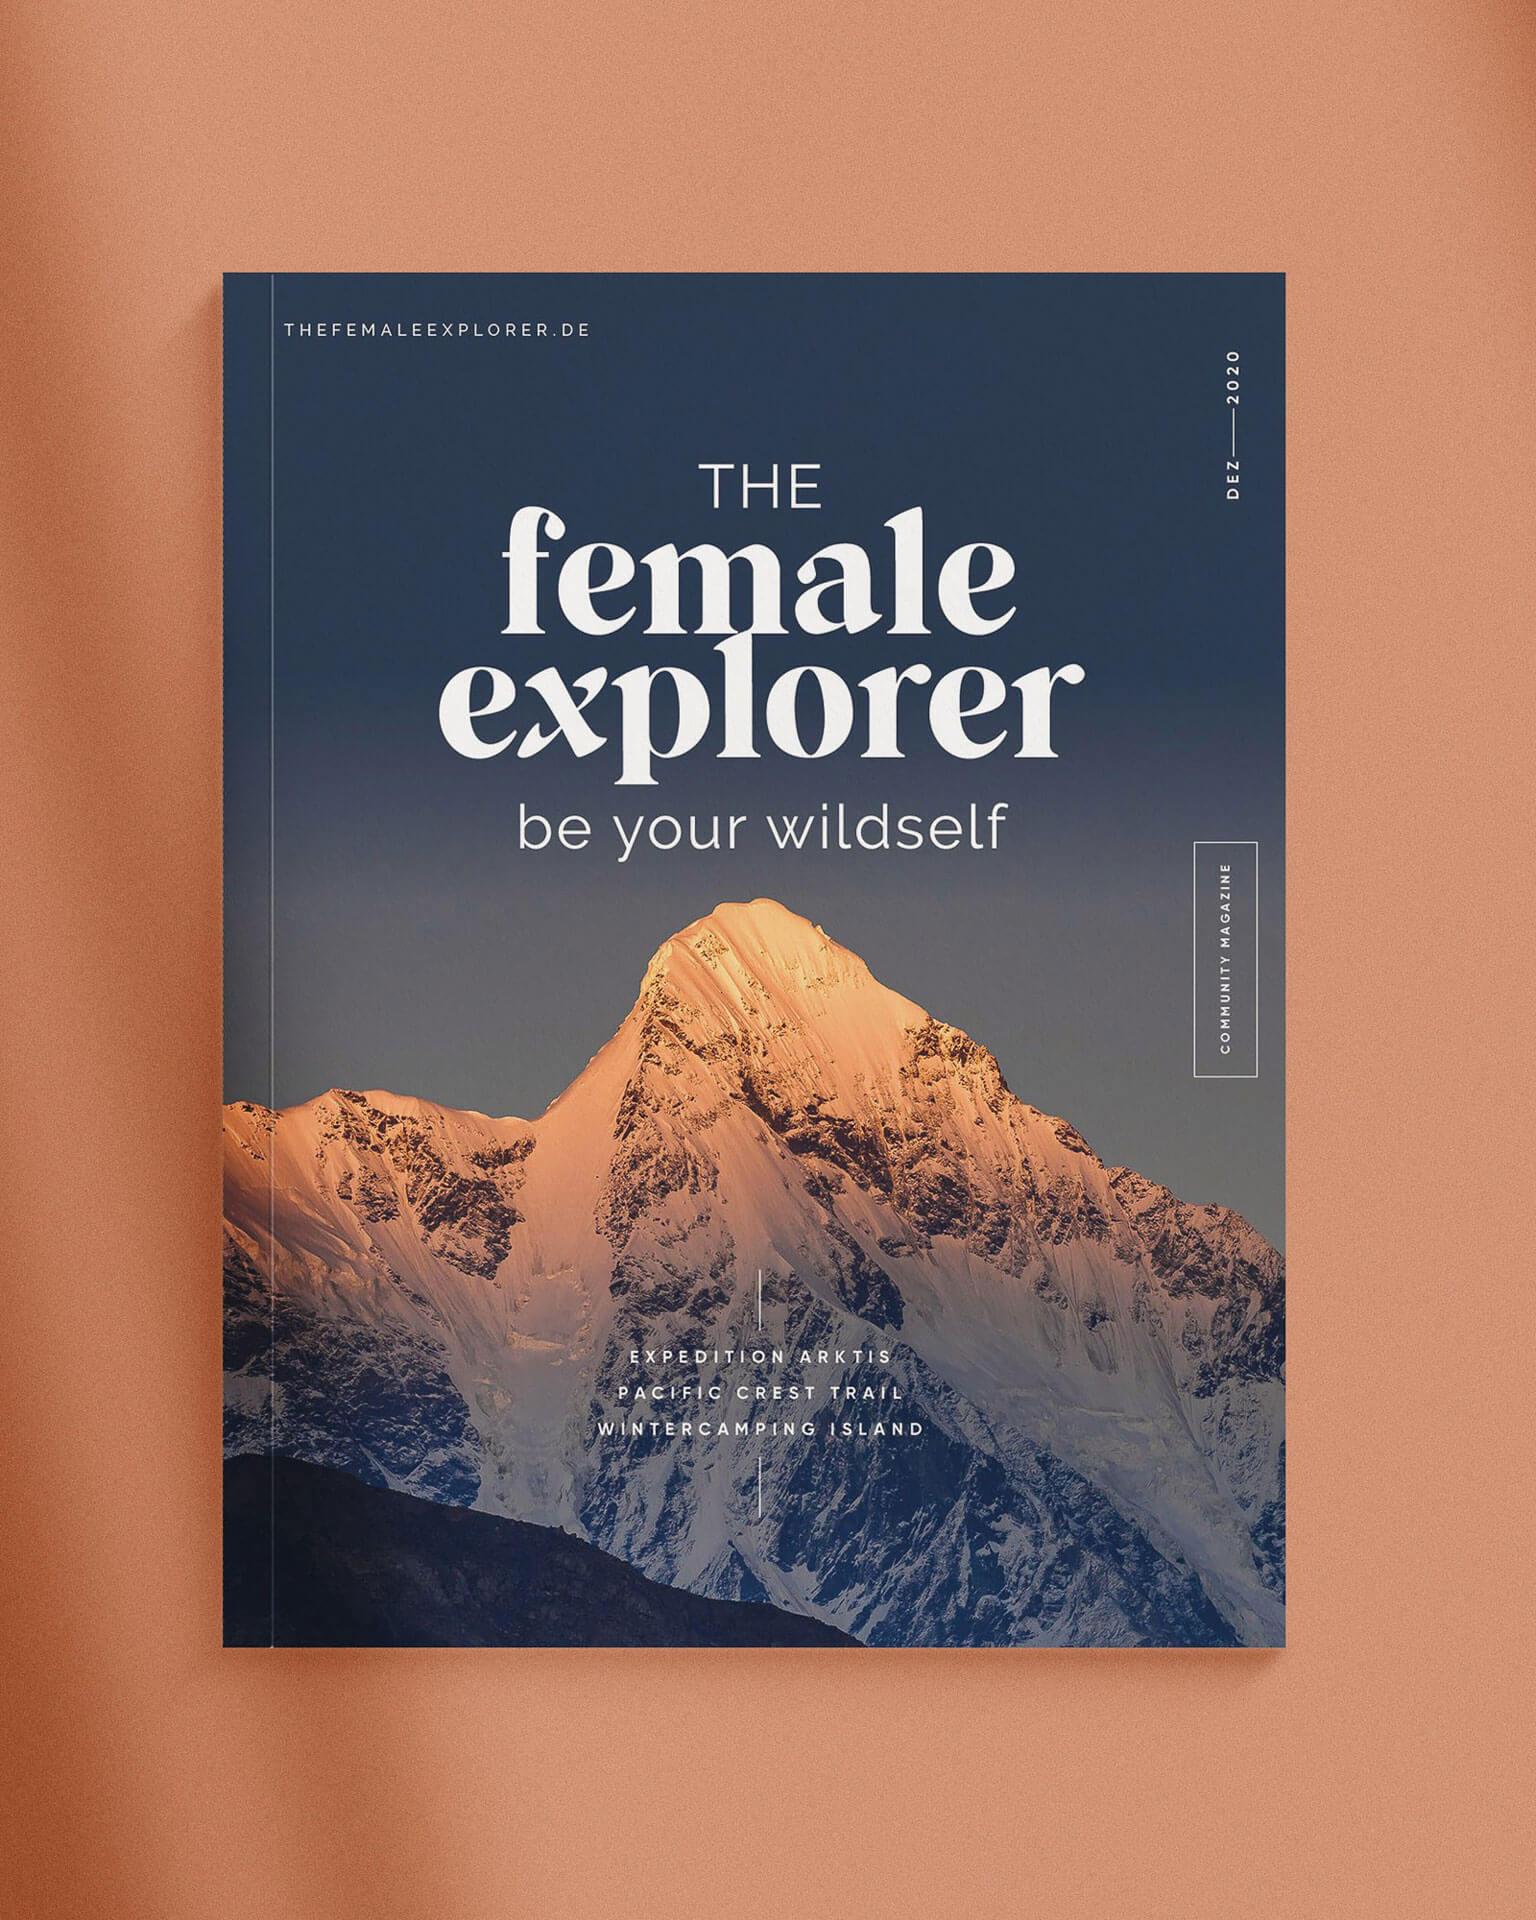 thefemaleexplorer-issue-1-6